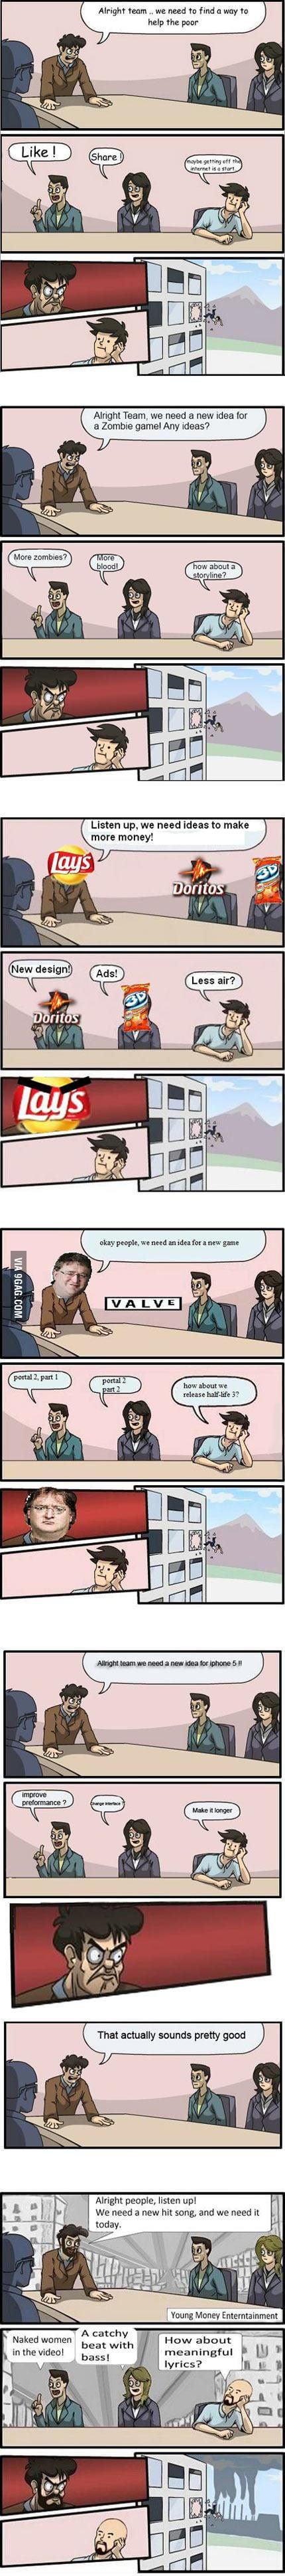 Boardroom Suggestion Meme Compilation 9gag